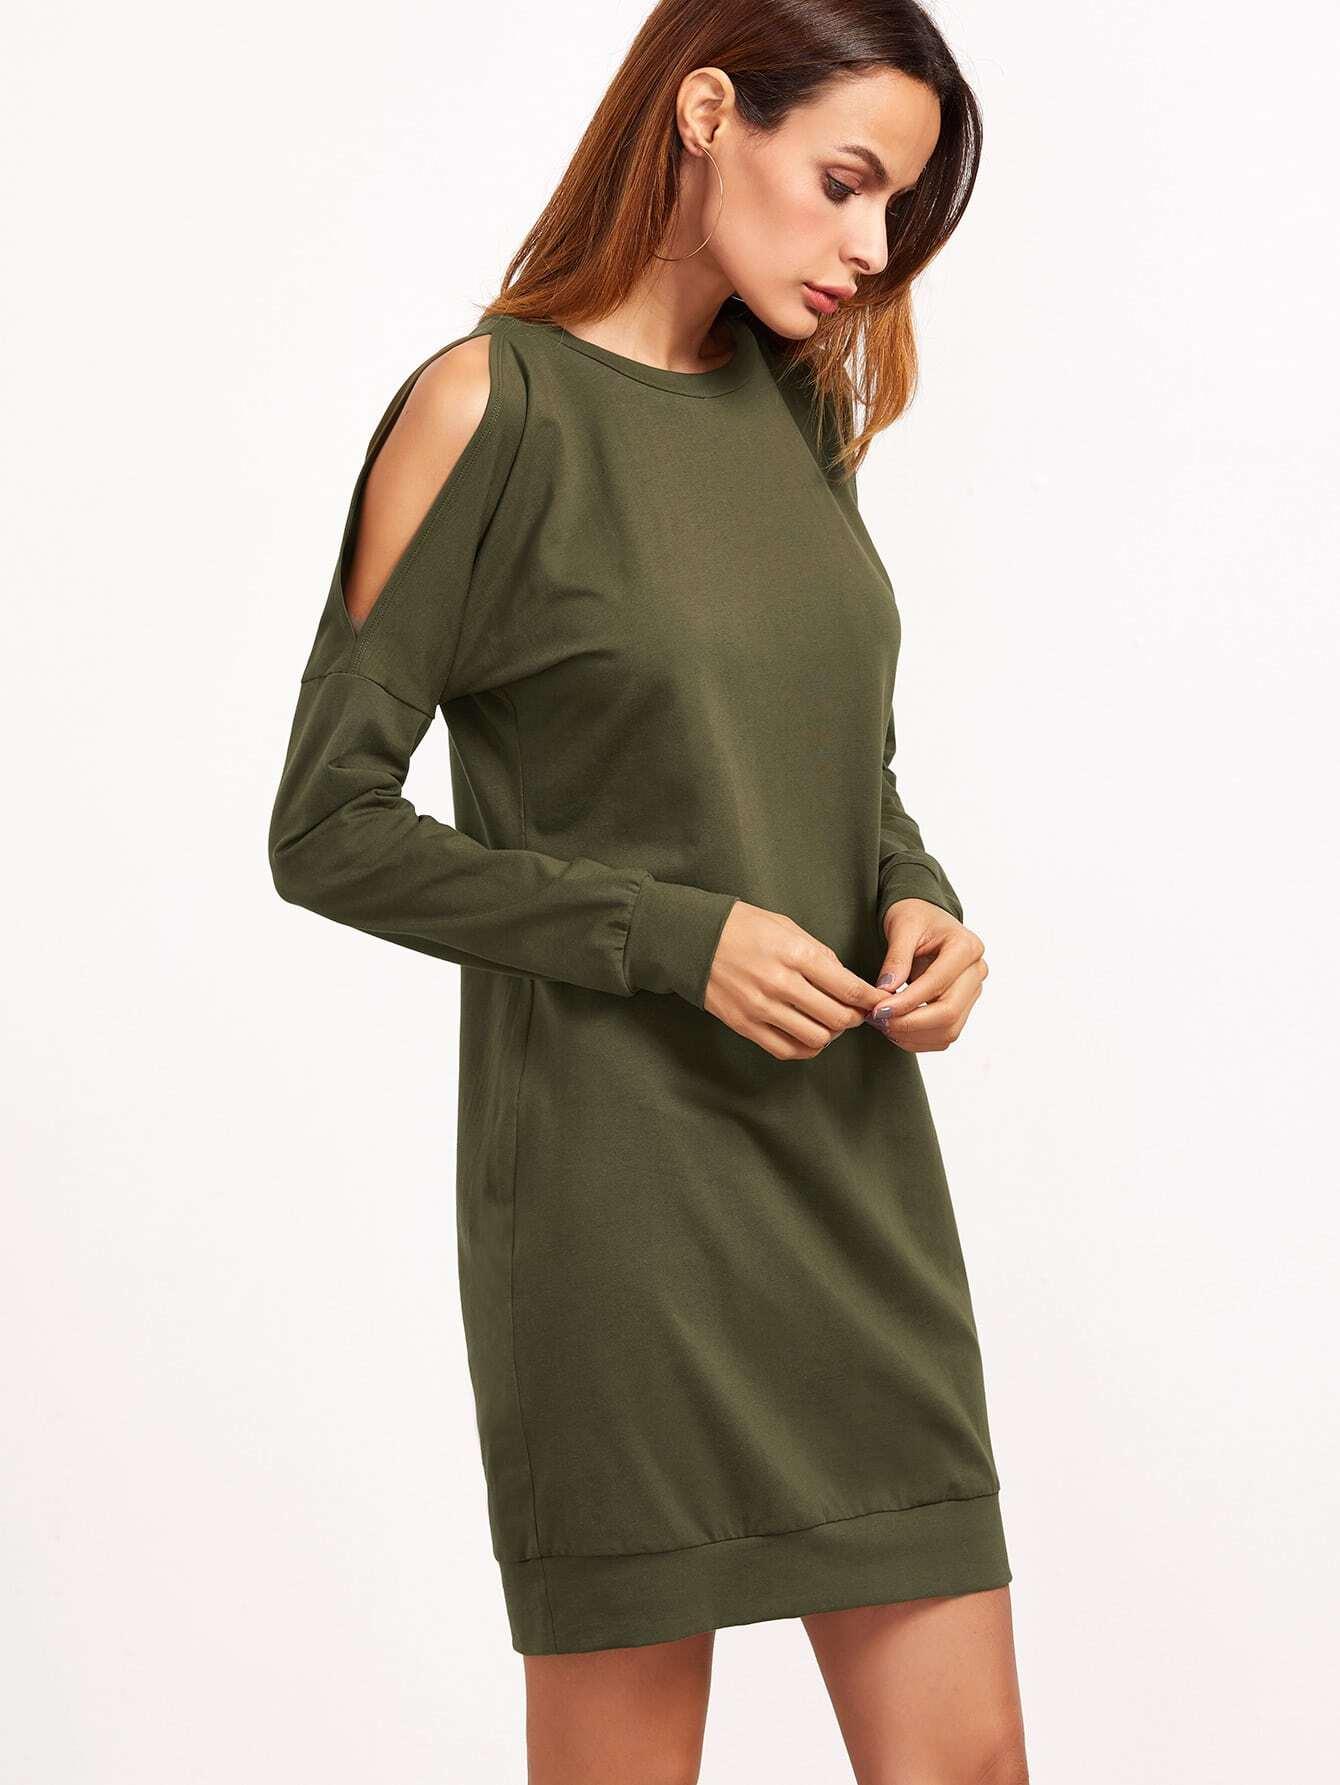 dress161121705_2